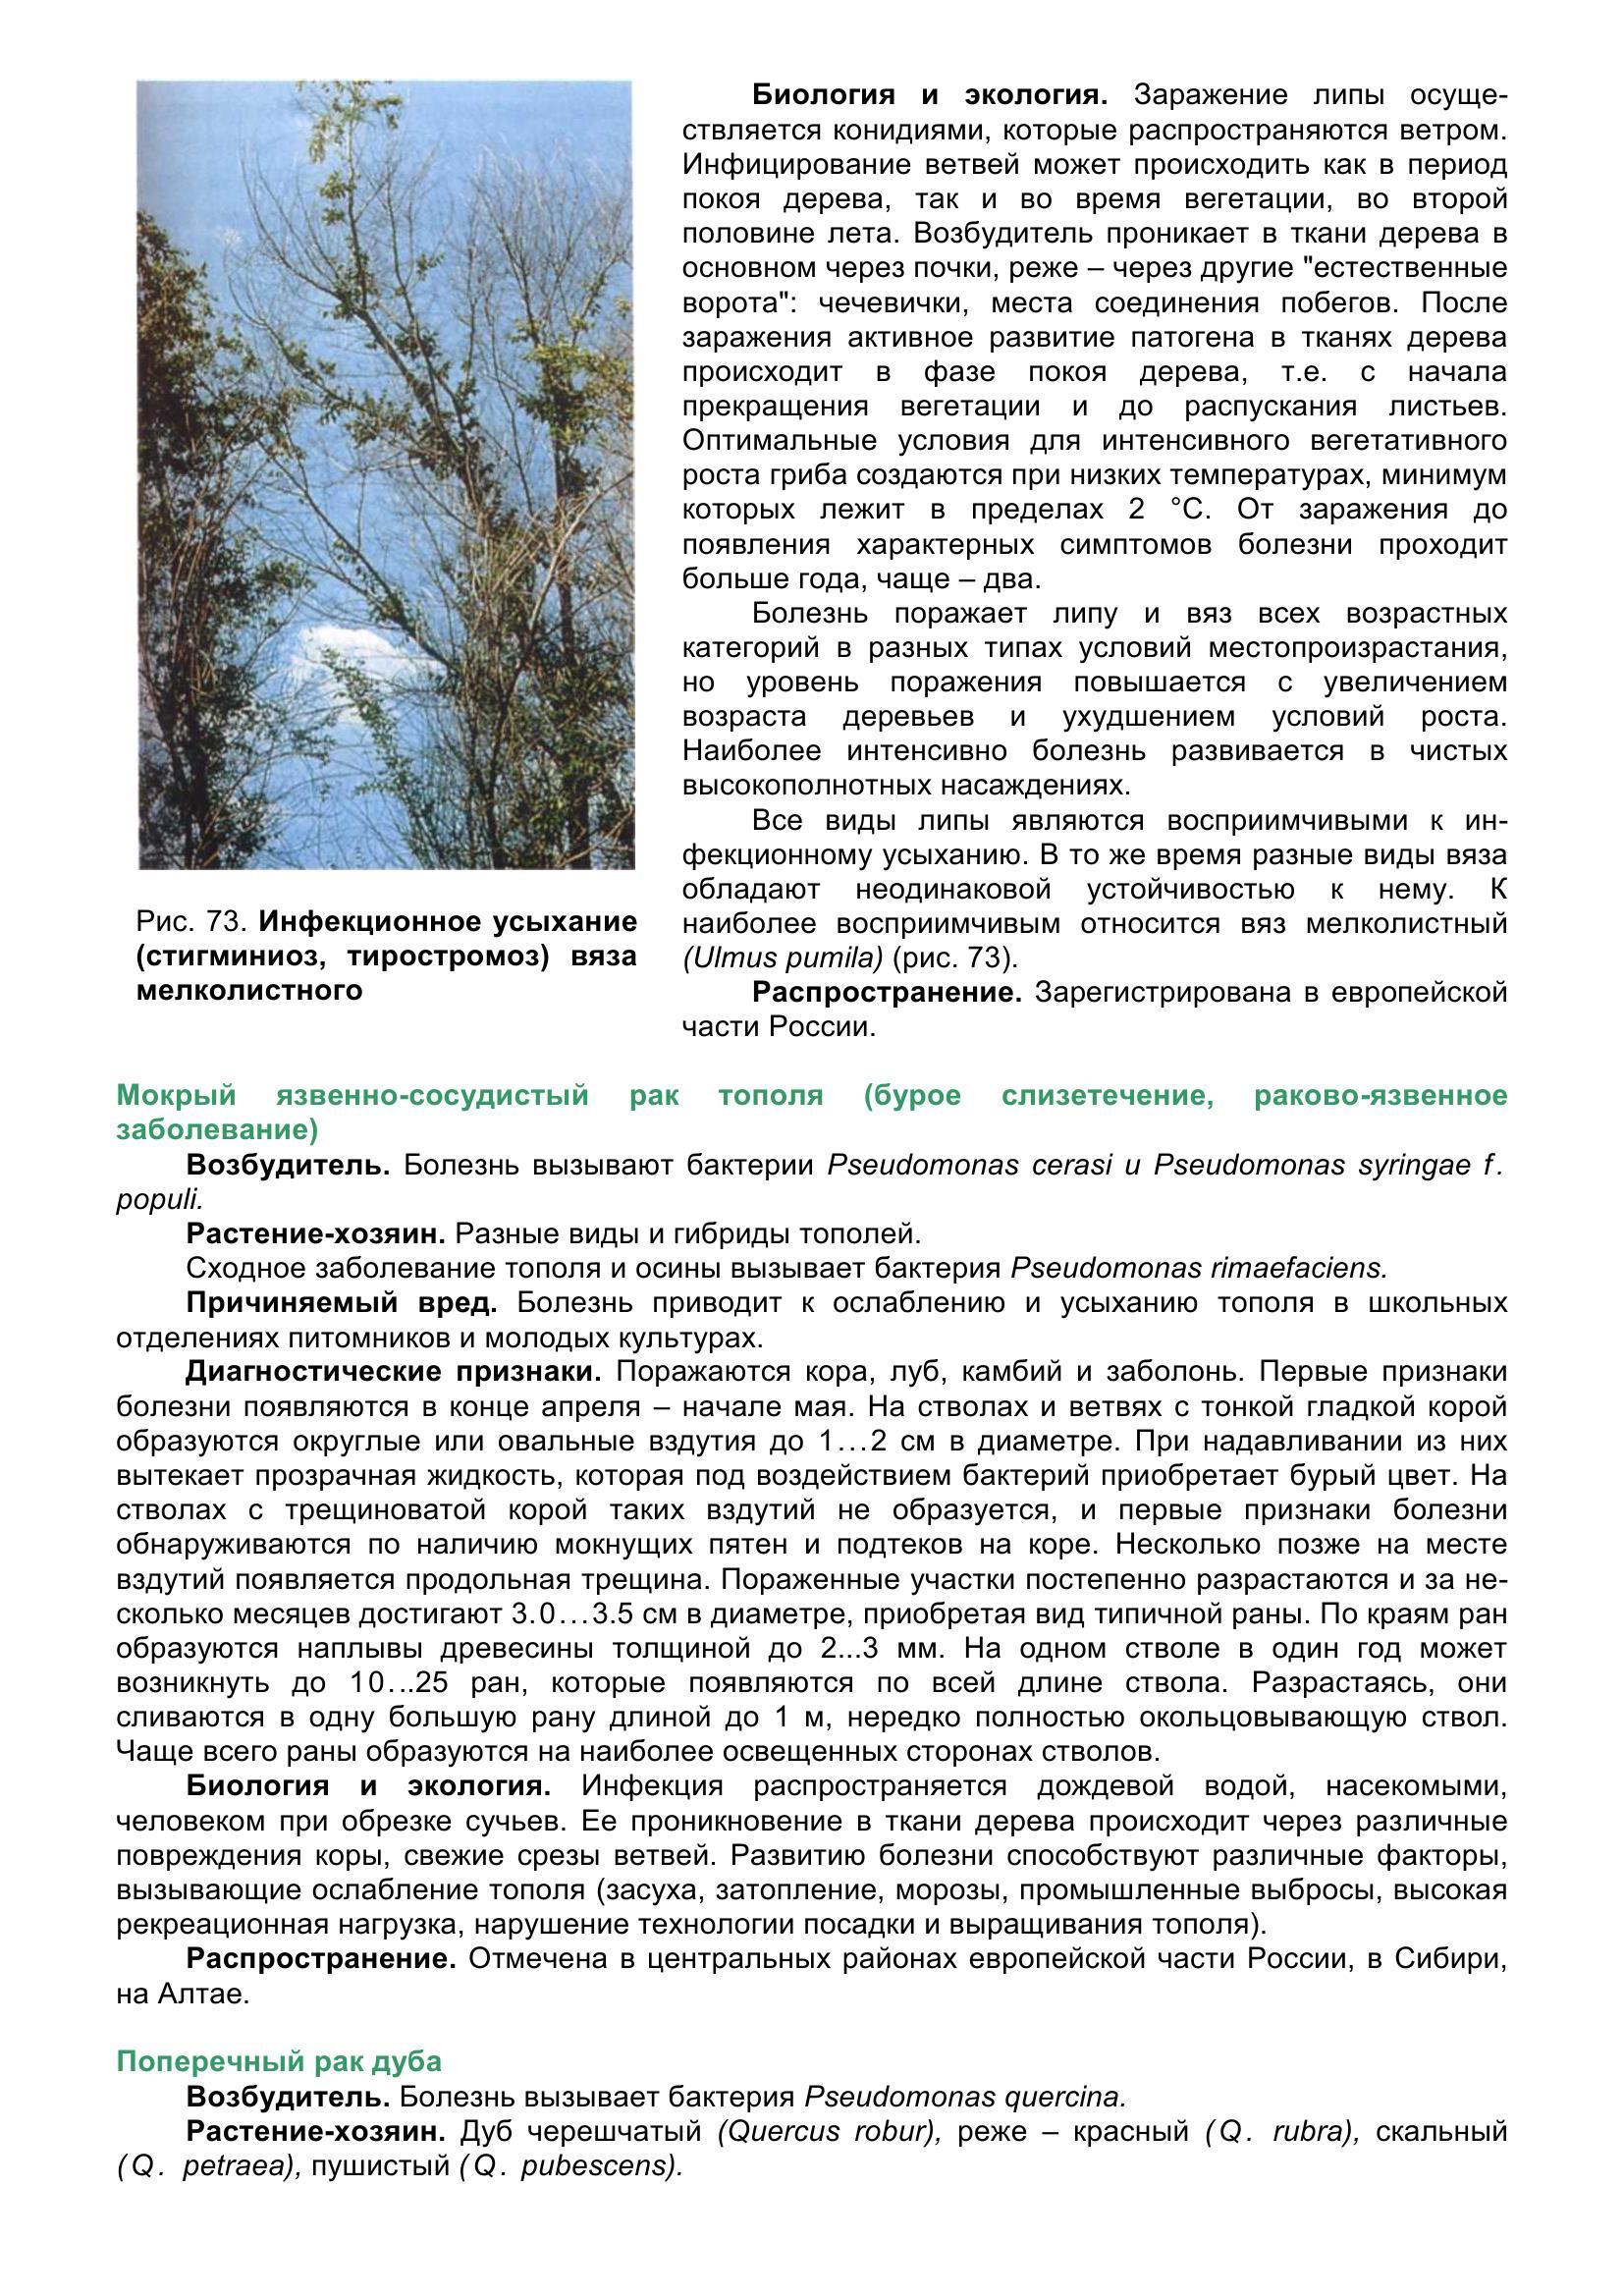 Болезни_древесных_растений_084.jpg